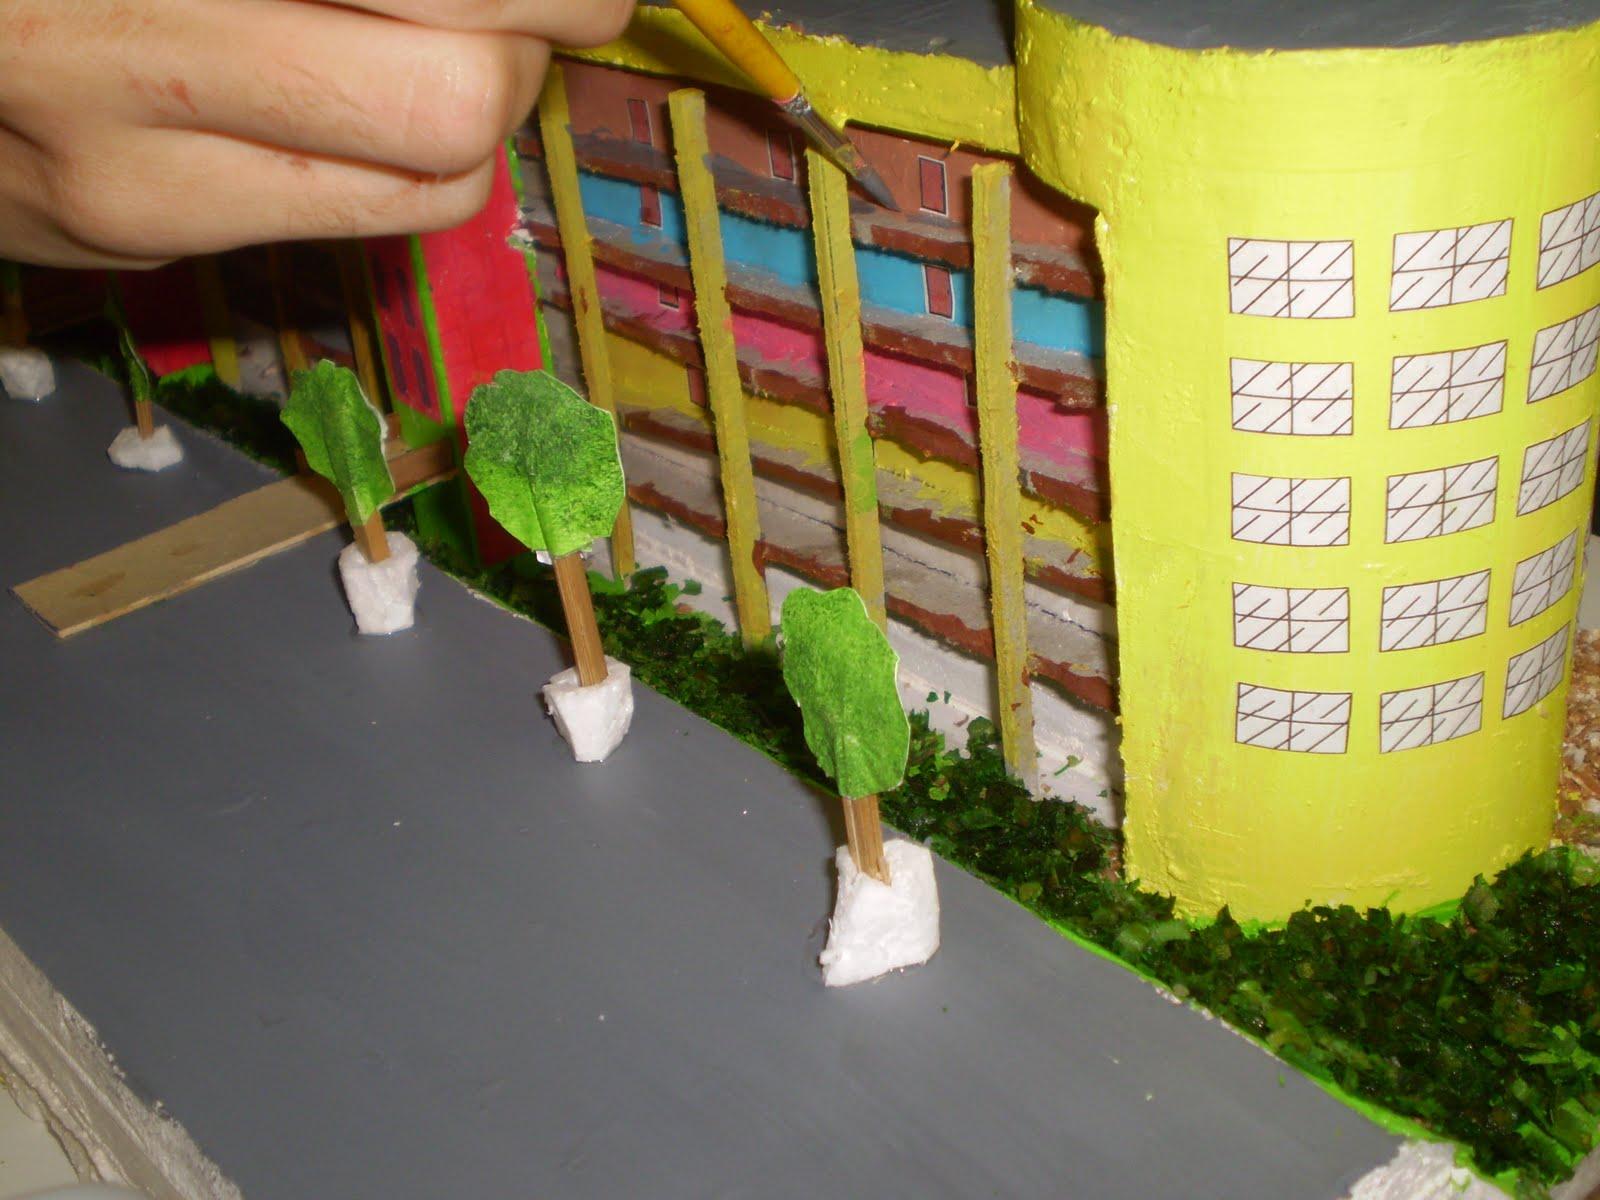 Maquete De Pr  Dio Constru  Da Pelas Estudantes De Engenharia Da